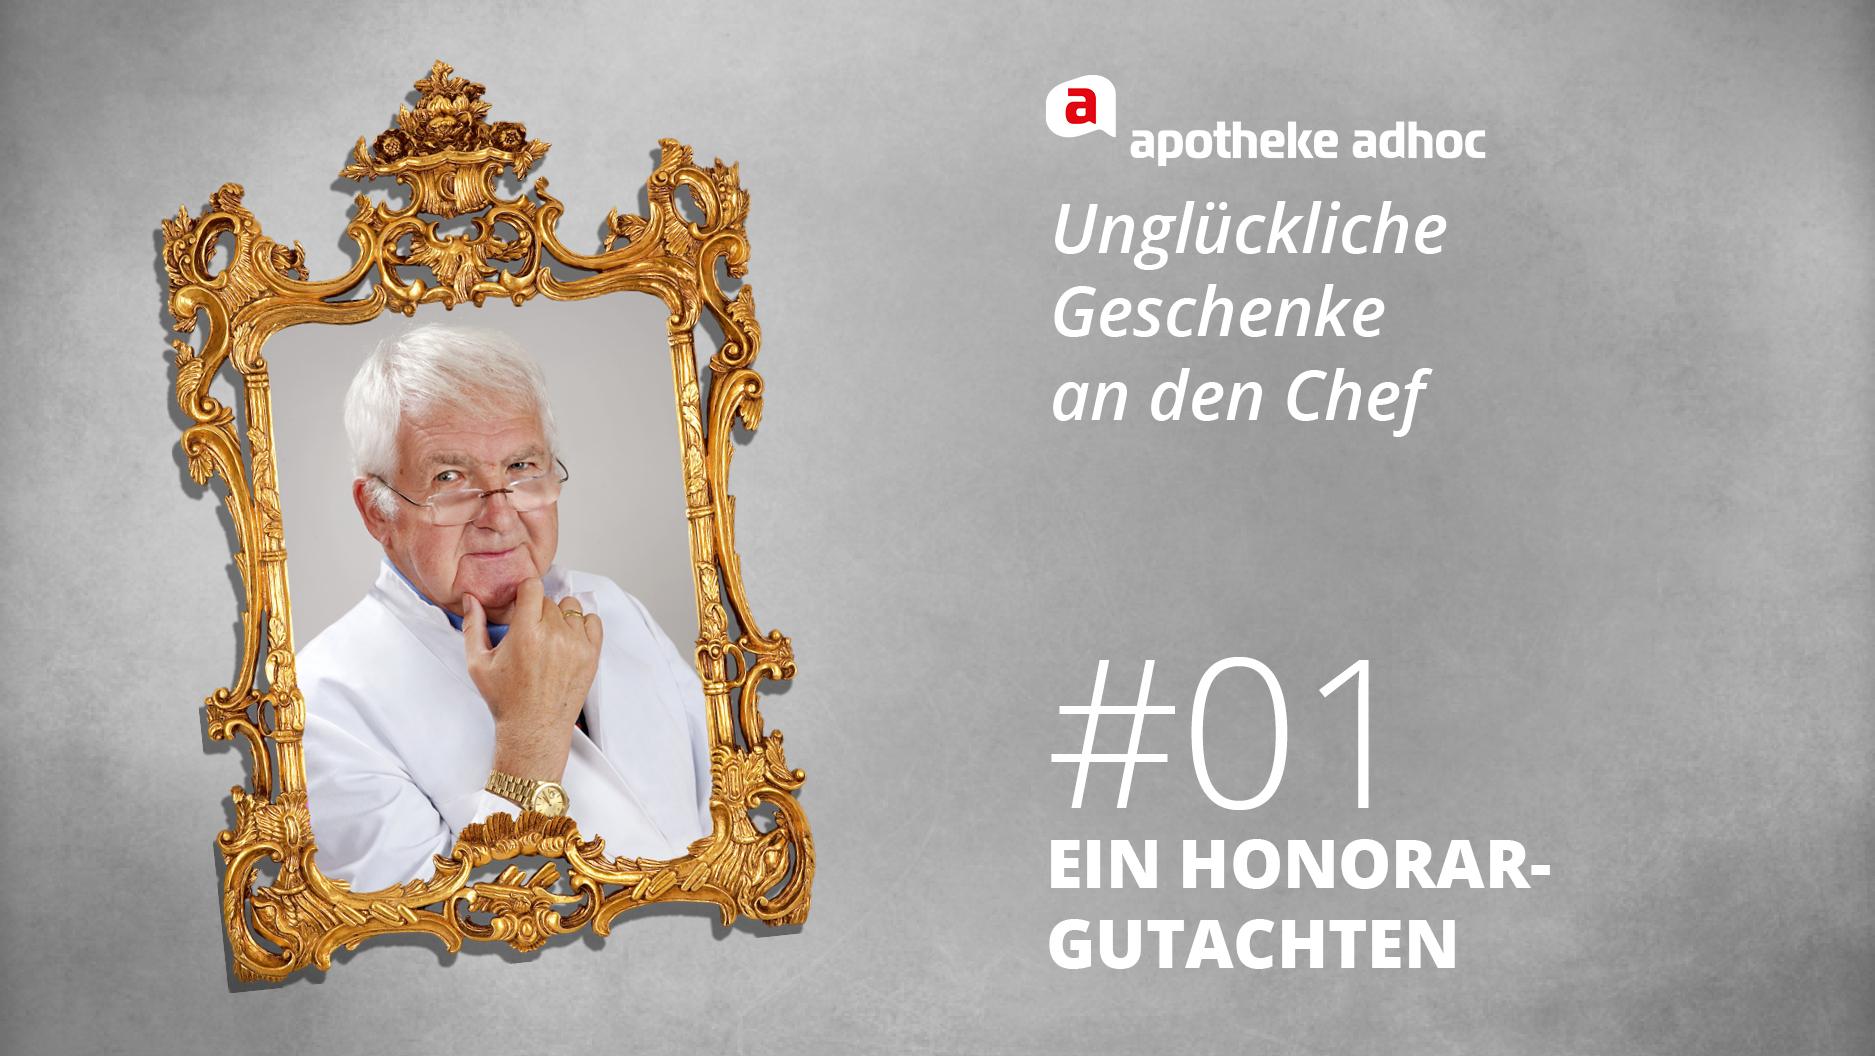 Unmögliche Chef-Geschenke | APOTHEKE ADHOC